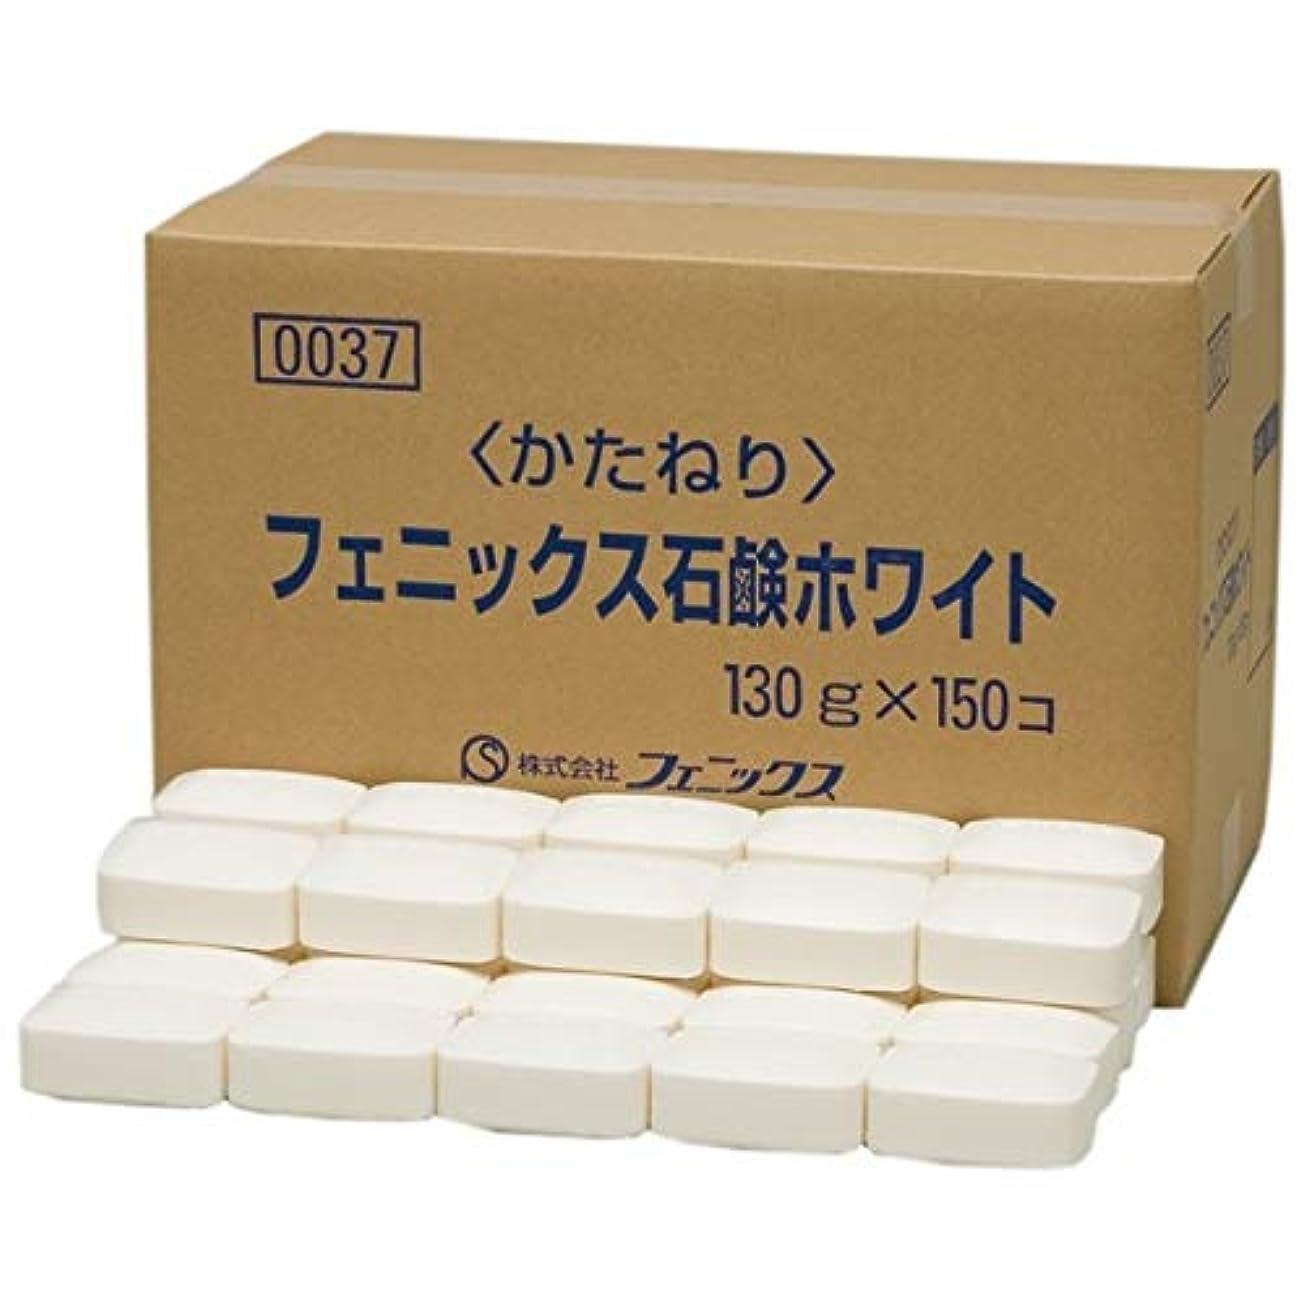 確認ワーディアンケース才能のあるフェニックスホワイト石鹸 130g×150個入